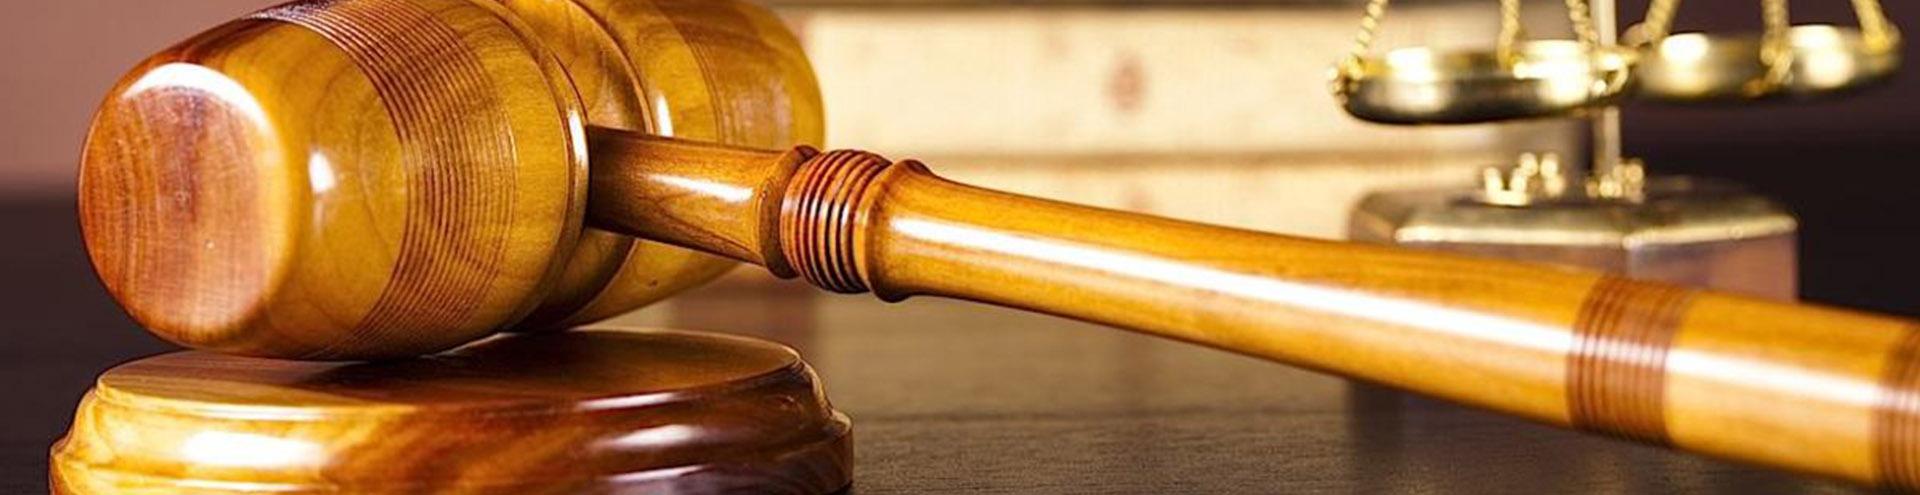 обжалование решения суда в Оренбурге и Оренбургской области